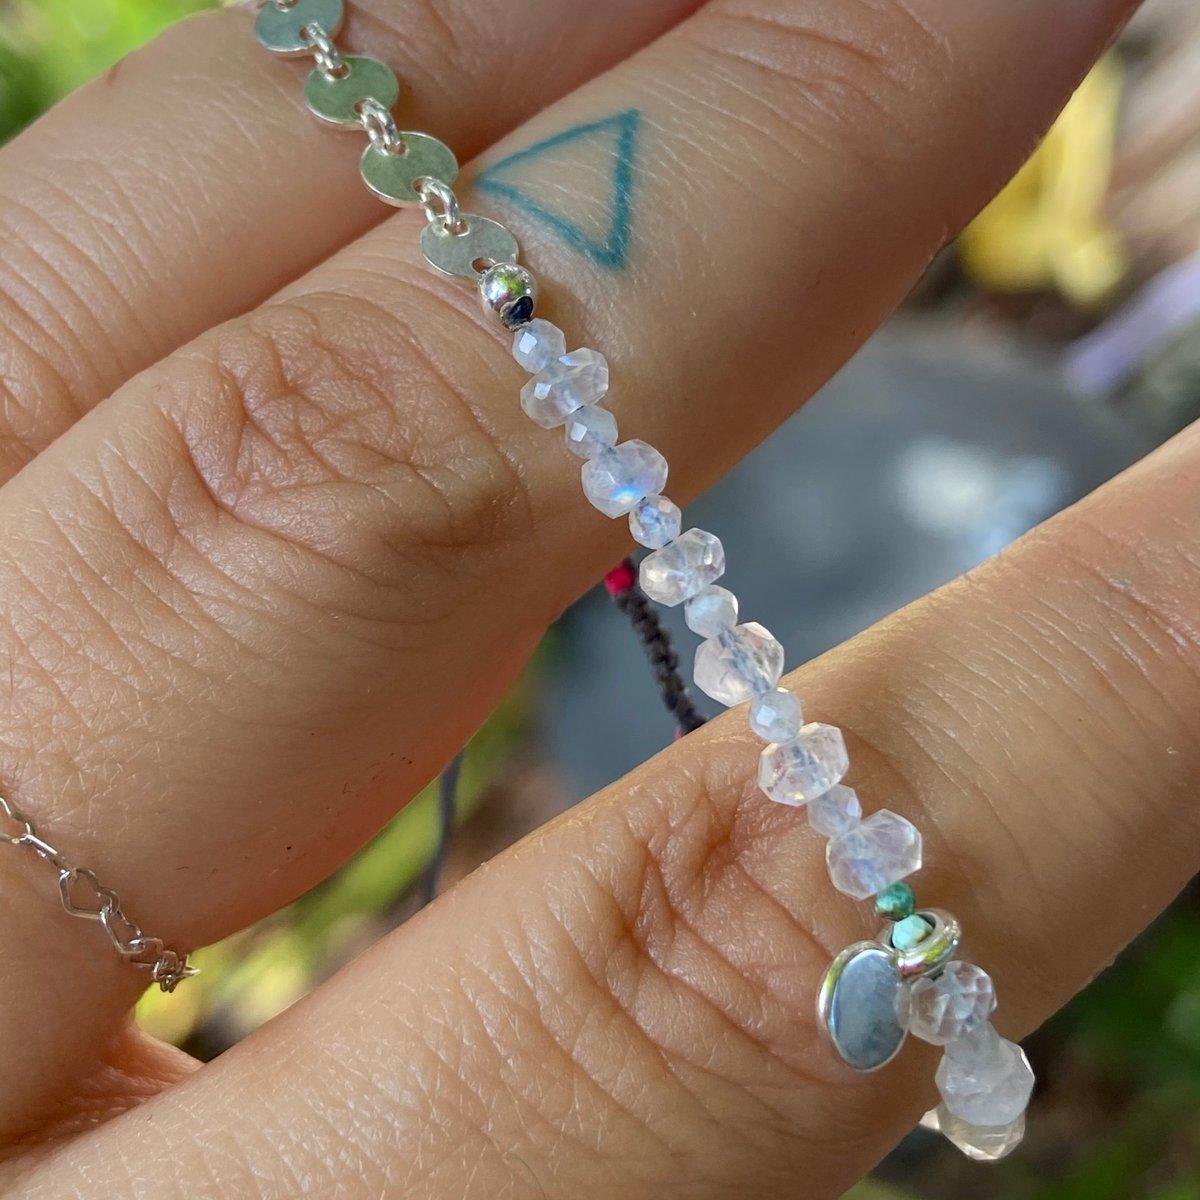 Image of moon stone bracelet